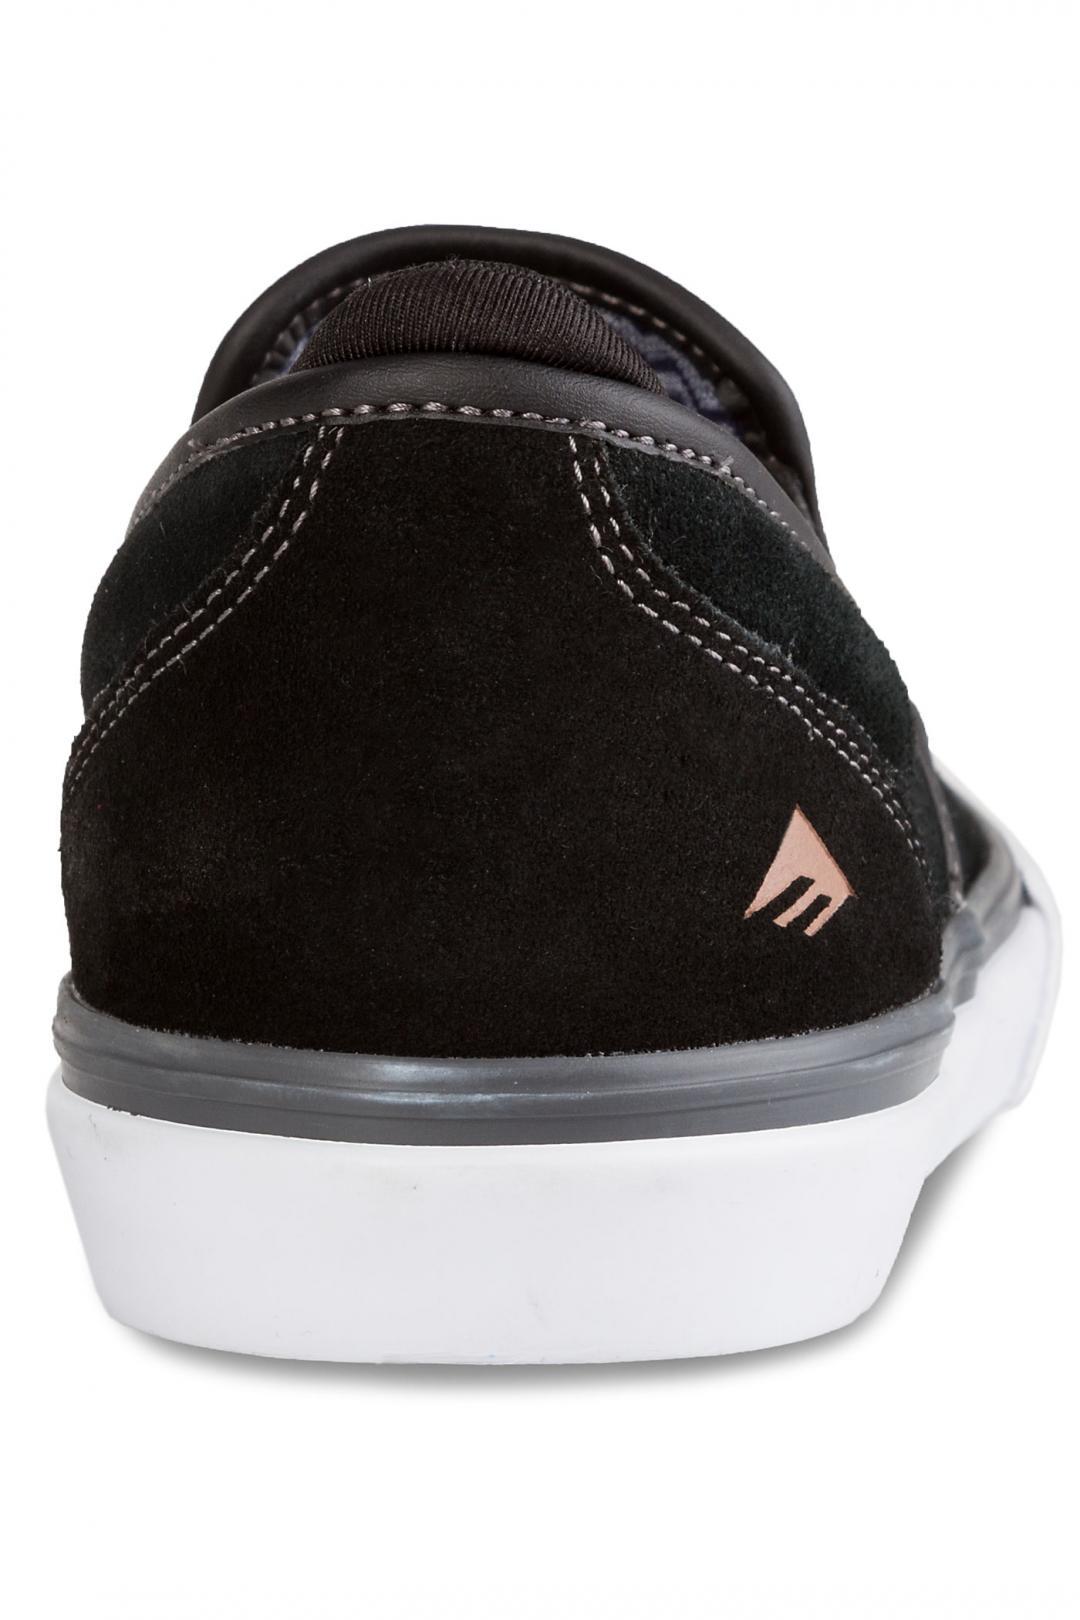 Uomo Emerica Wino G6 Slip-On black grey white | Scarpe da skate